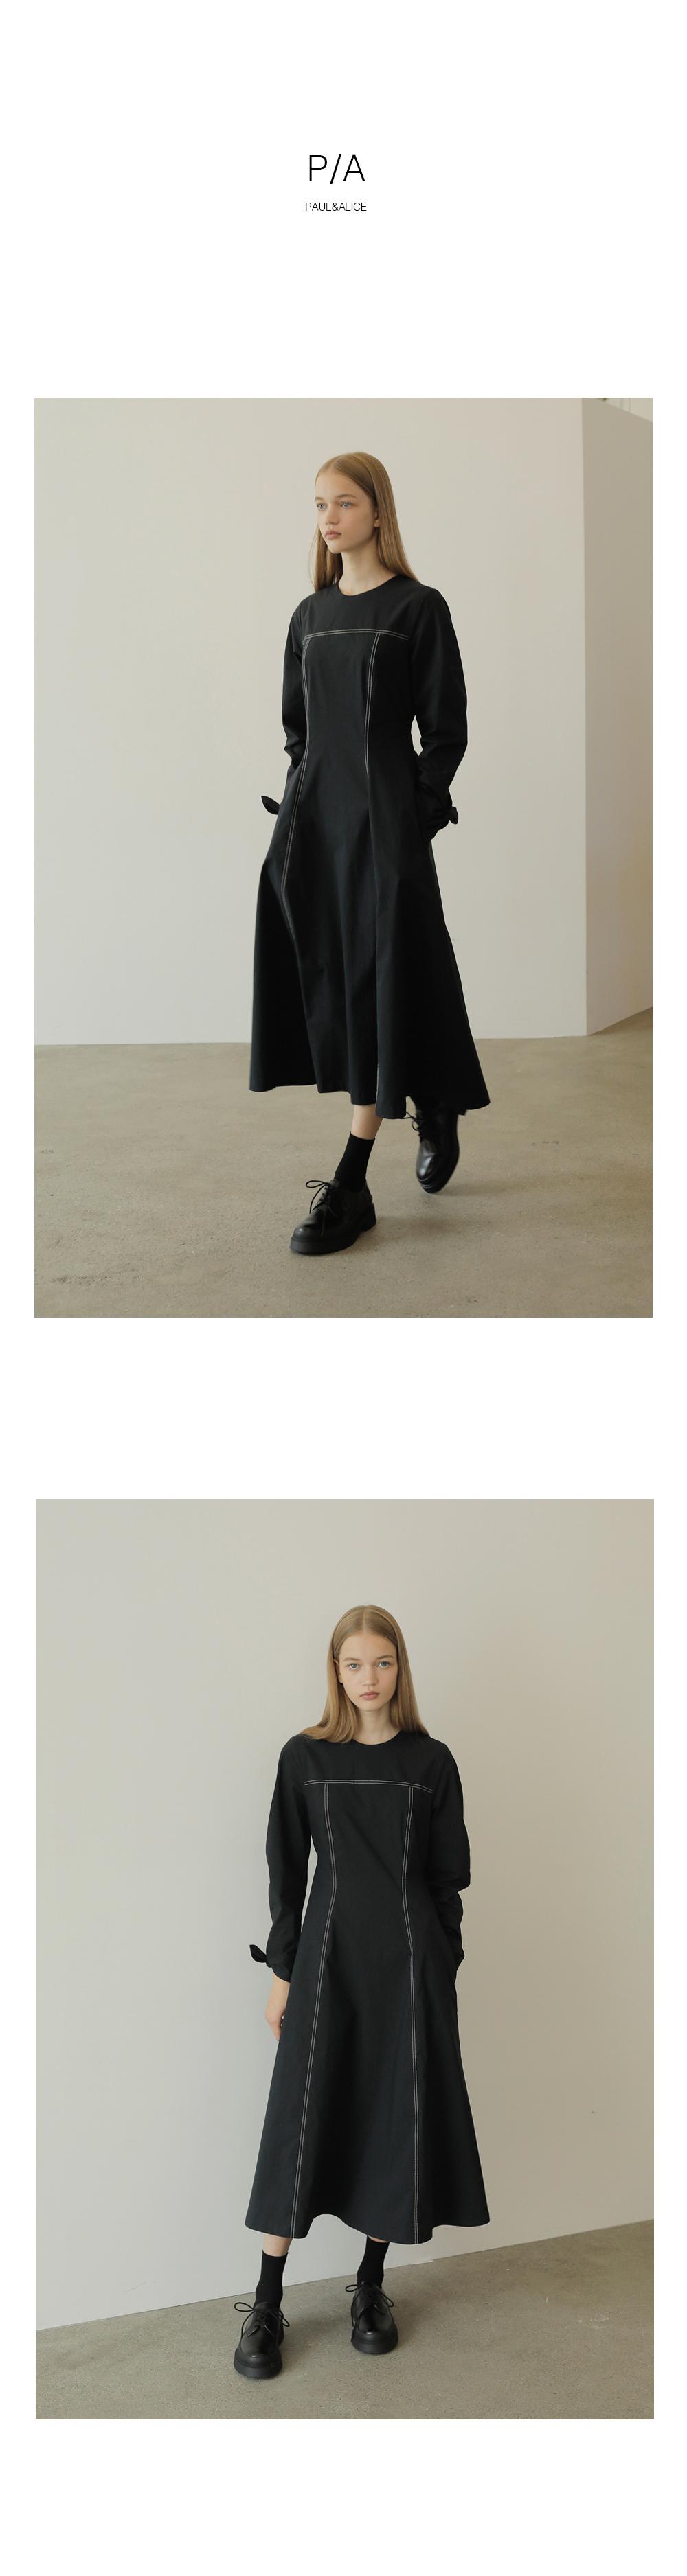 드레스 모델 착용 이미지-S1L8